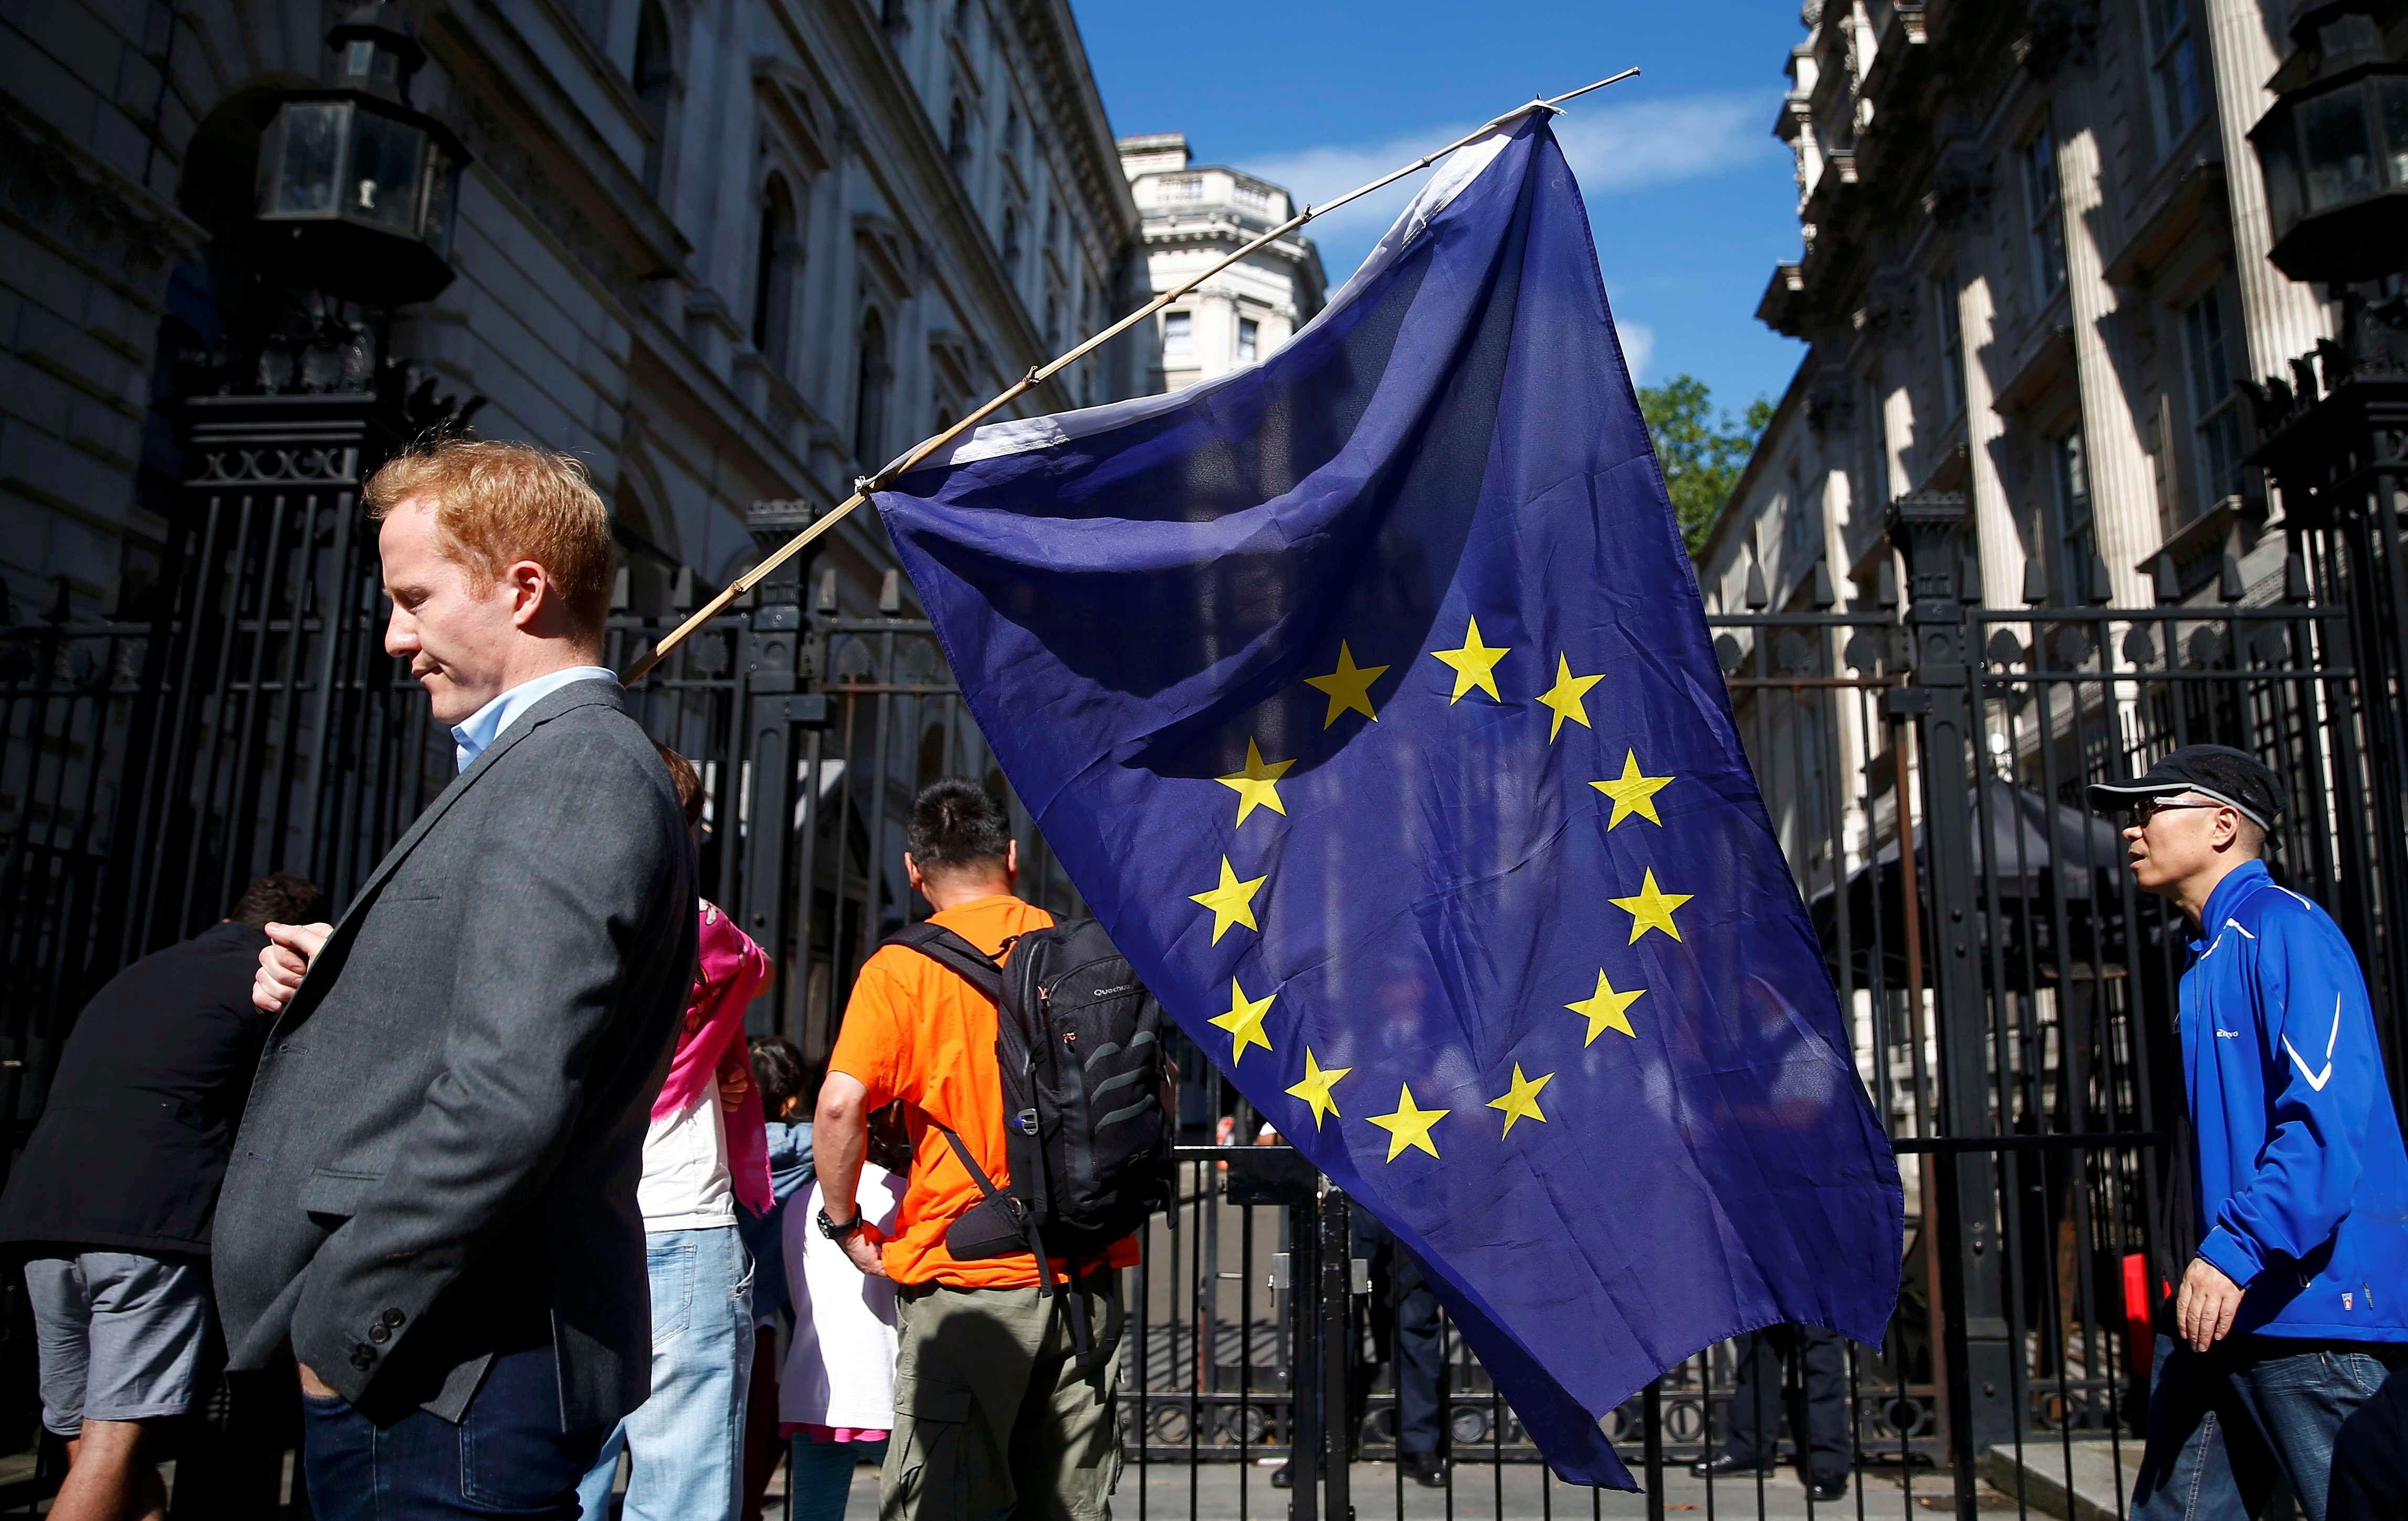 """Chantal Delsol : """"Cette Europe qui renie ses racines pour ne pas déplaire à ses nouveaux hôtes déplairait certainement à ses pères fondateurs"""""""